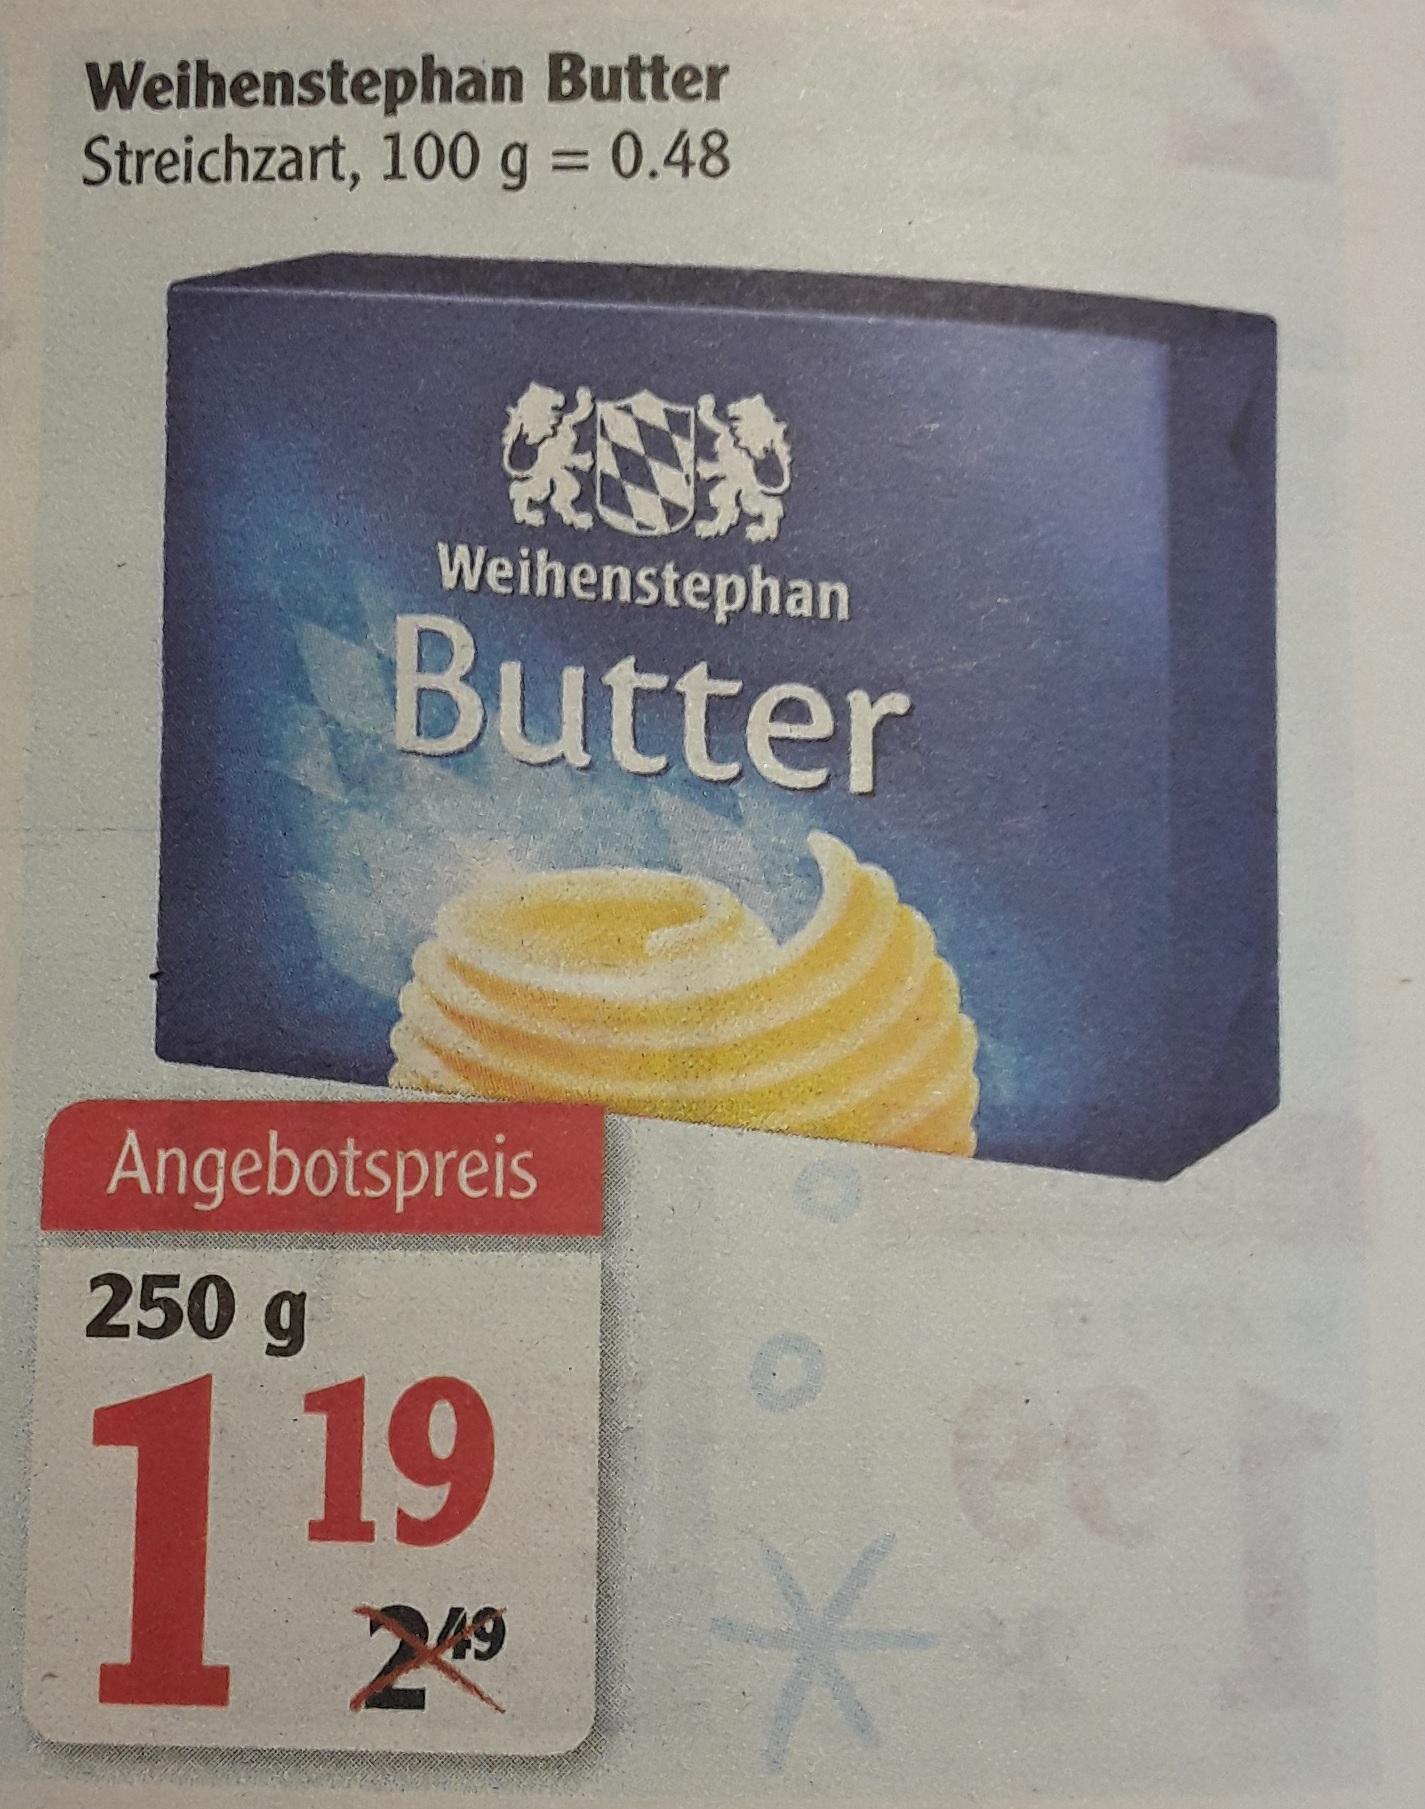 [Lokal] Globus Losheim - Weihenstephan Butter 250g für 1,19 Euro